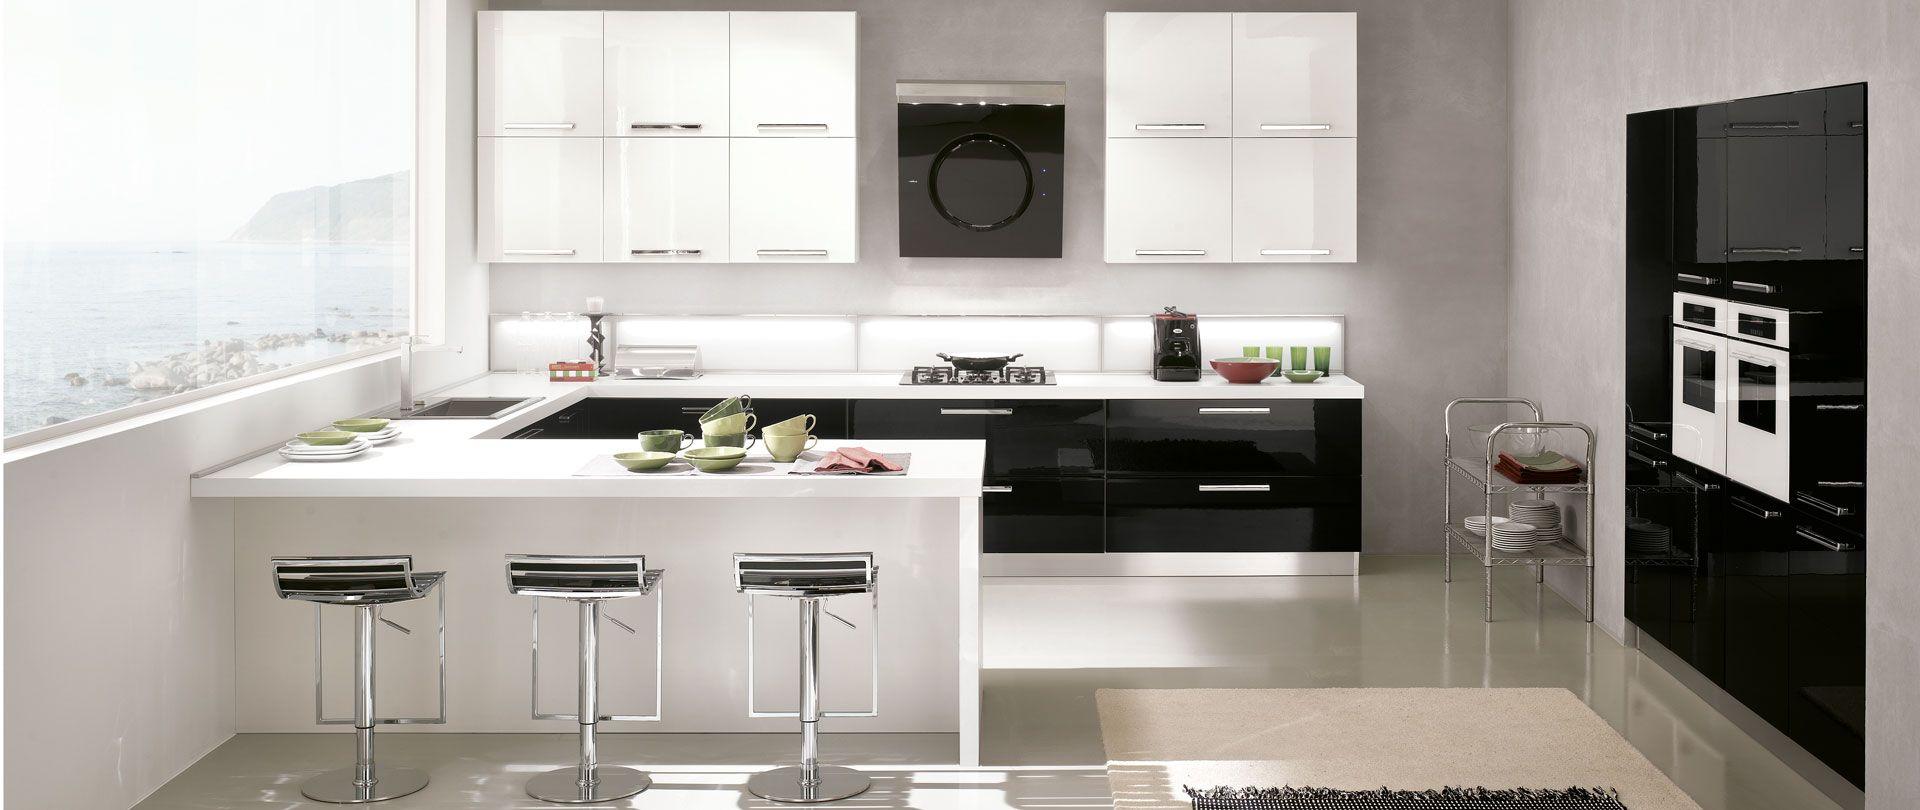 Risultati immagini per cucina a u con isola | cucine | Kitchen, Home ...